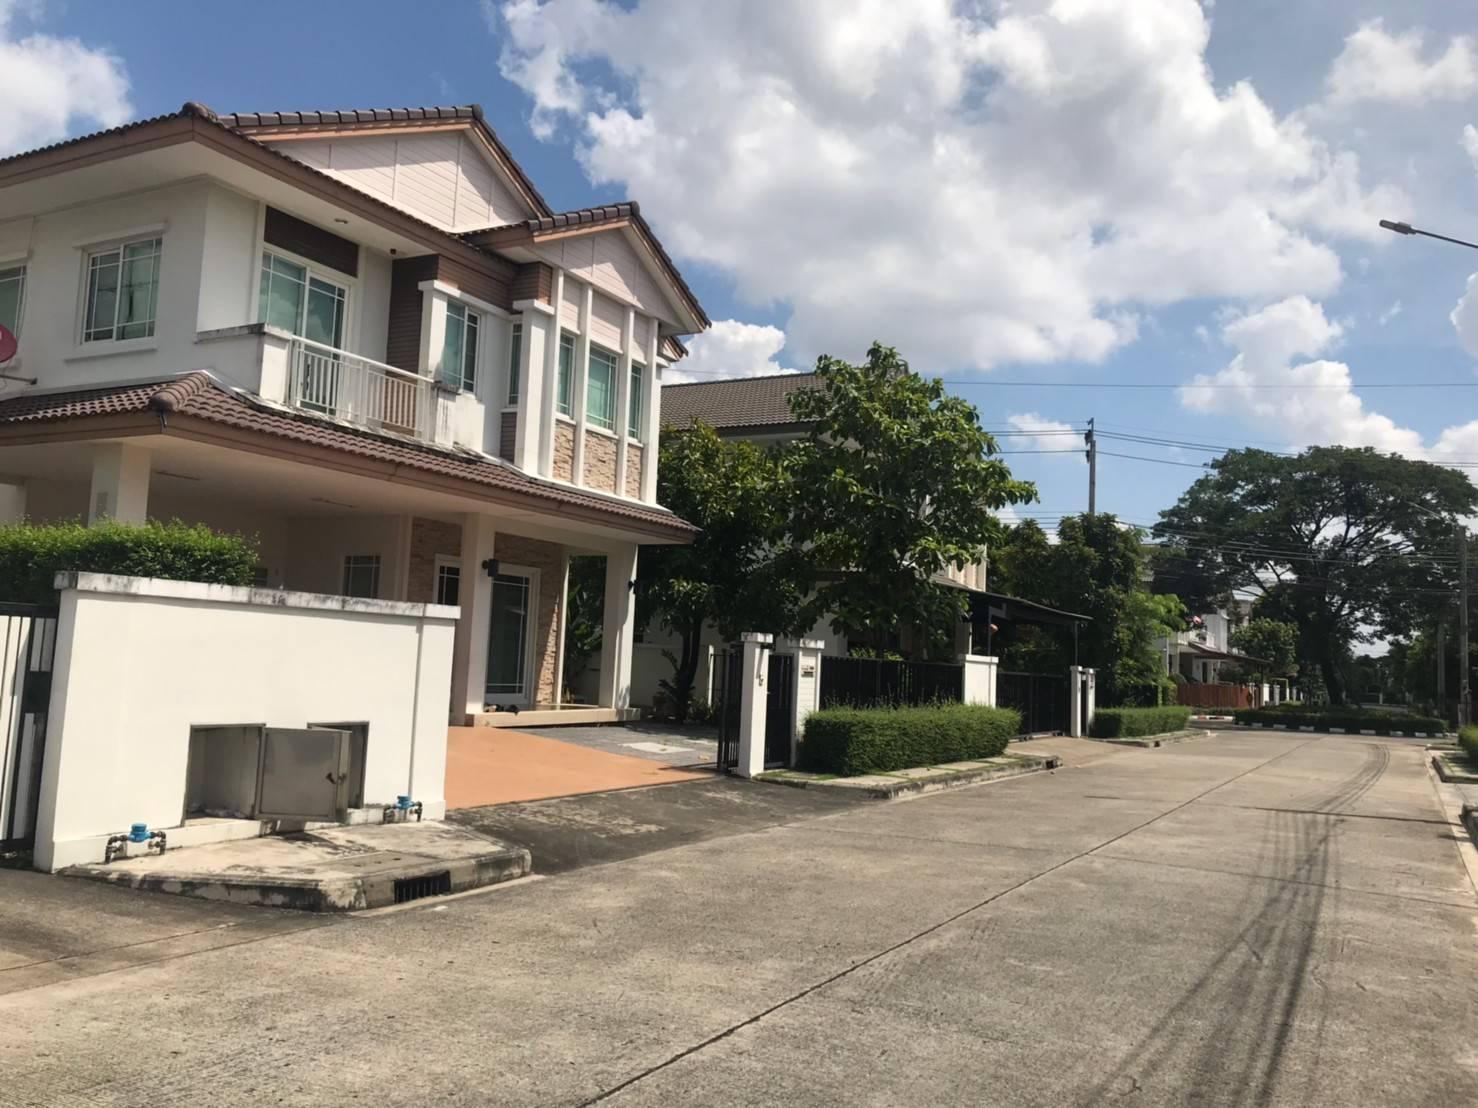 ขายบ้านเดี่ยว มัณฑนา รามอินทรา-วงแหวน 62 ตรว. ถนนกาญจนาภิเษก คันนายาว กรุงเทพฯ โซนหน้าโครงการ